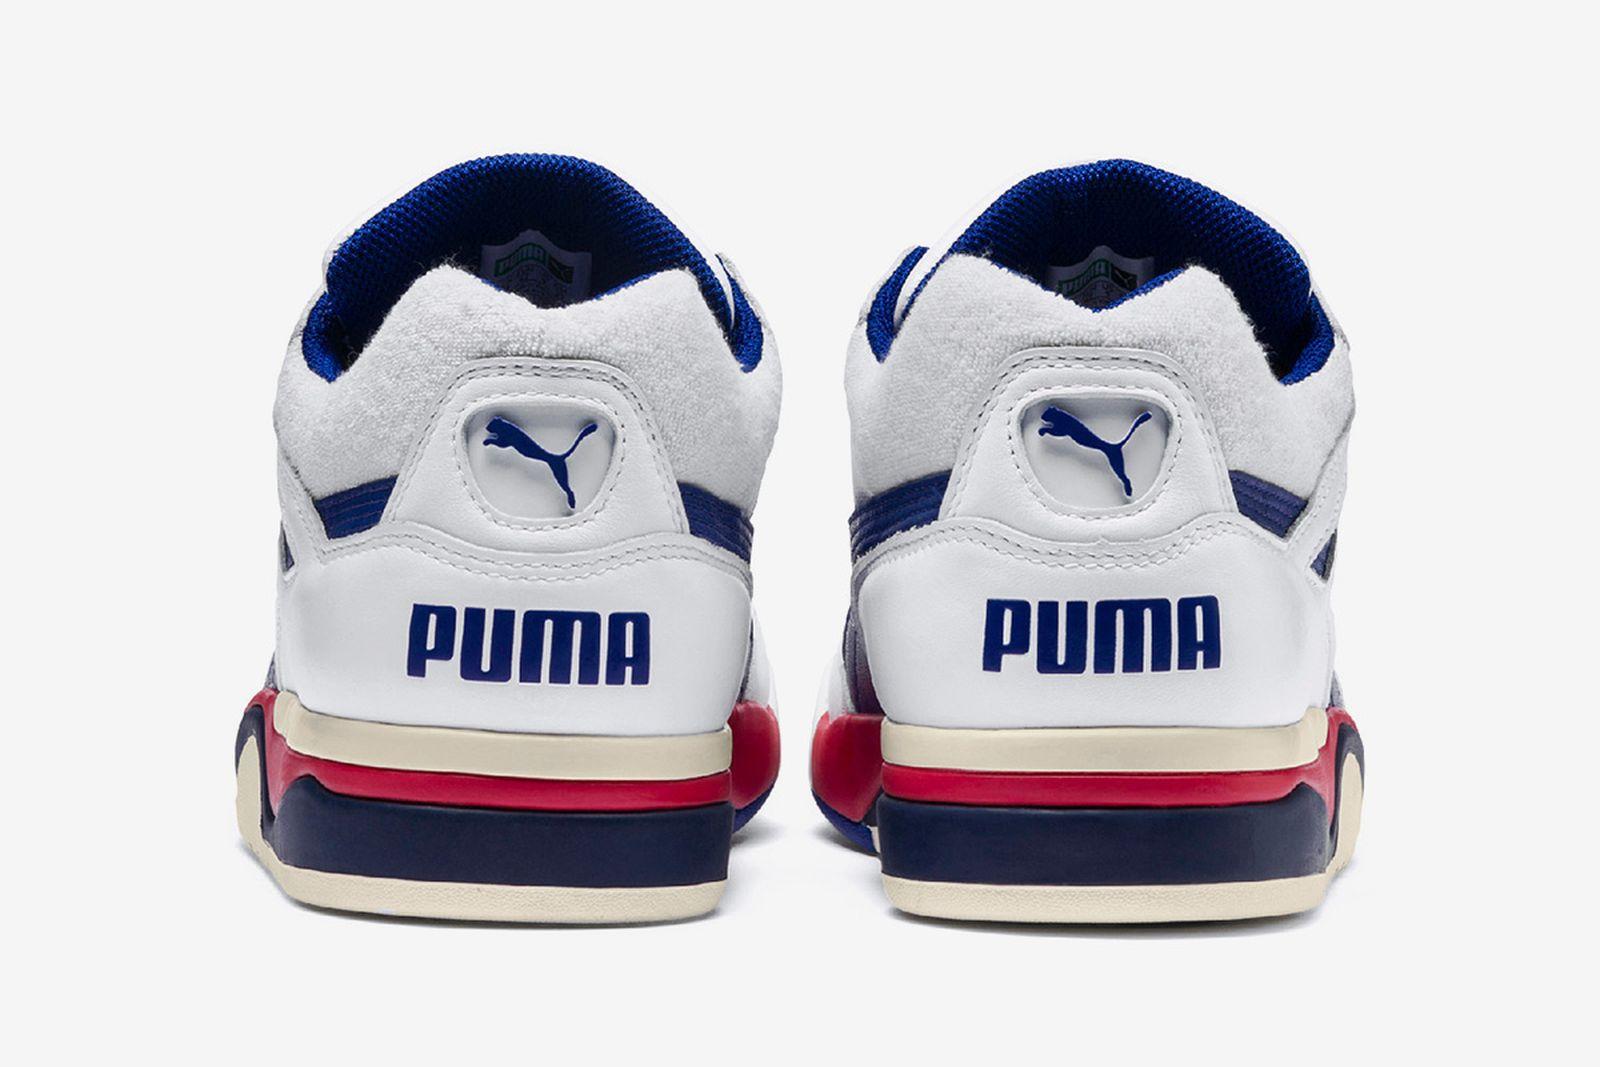 puma palace guard og release date price PUMA Uproar Palace Guard